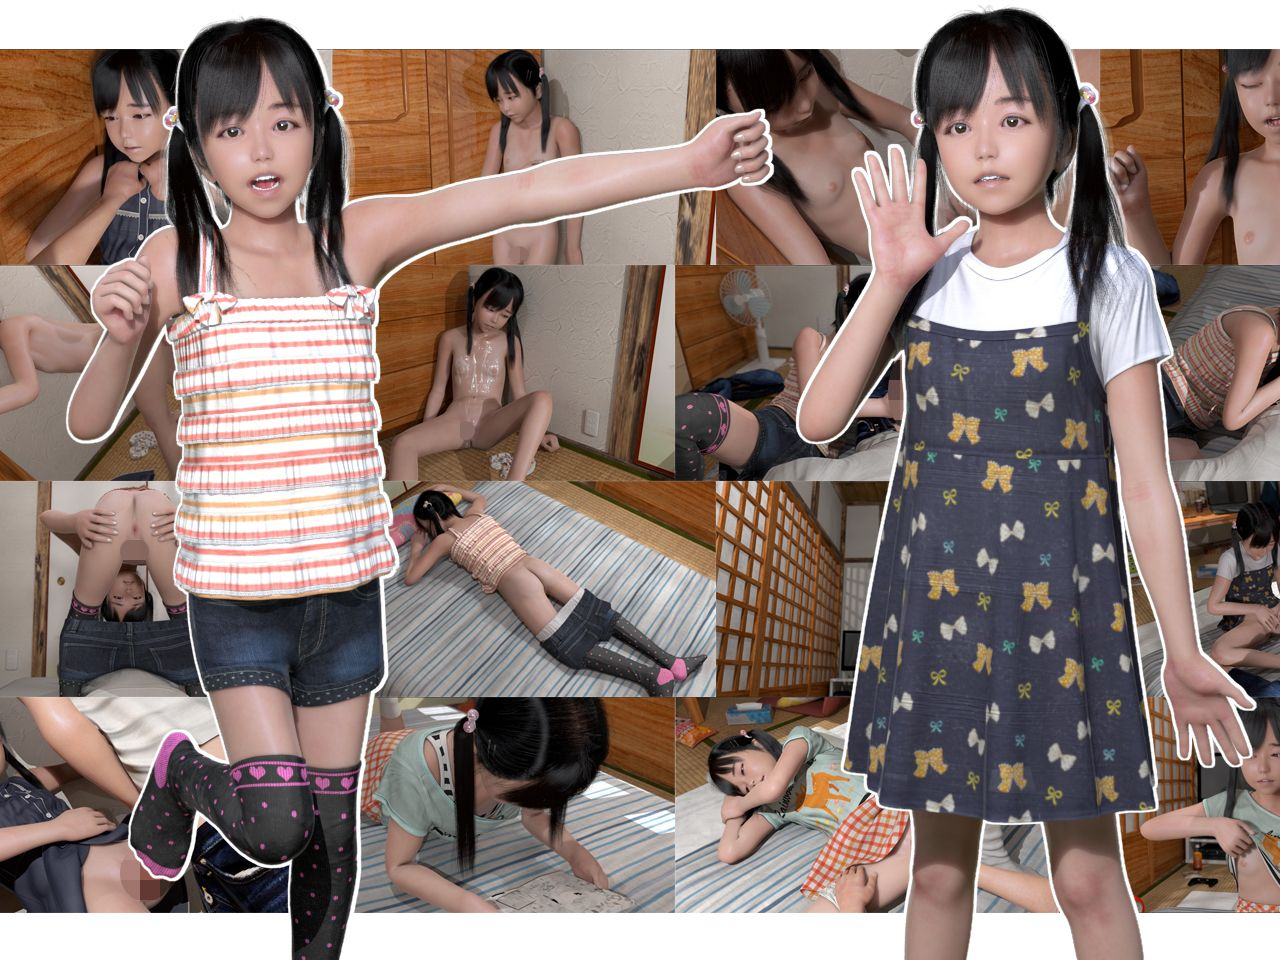 【二次元】若菜ちゃんの初エッチ 3DCG・無料サンプル画像(スマホ対応)